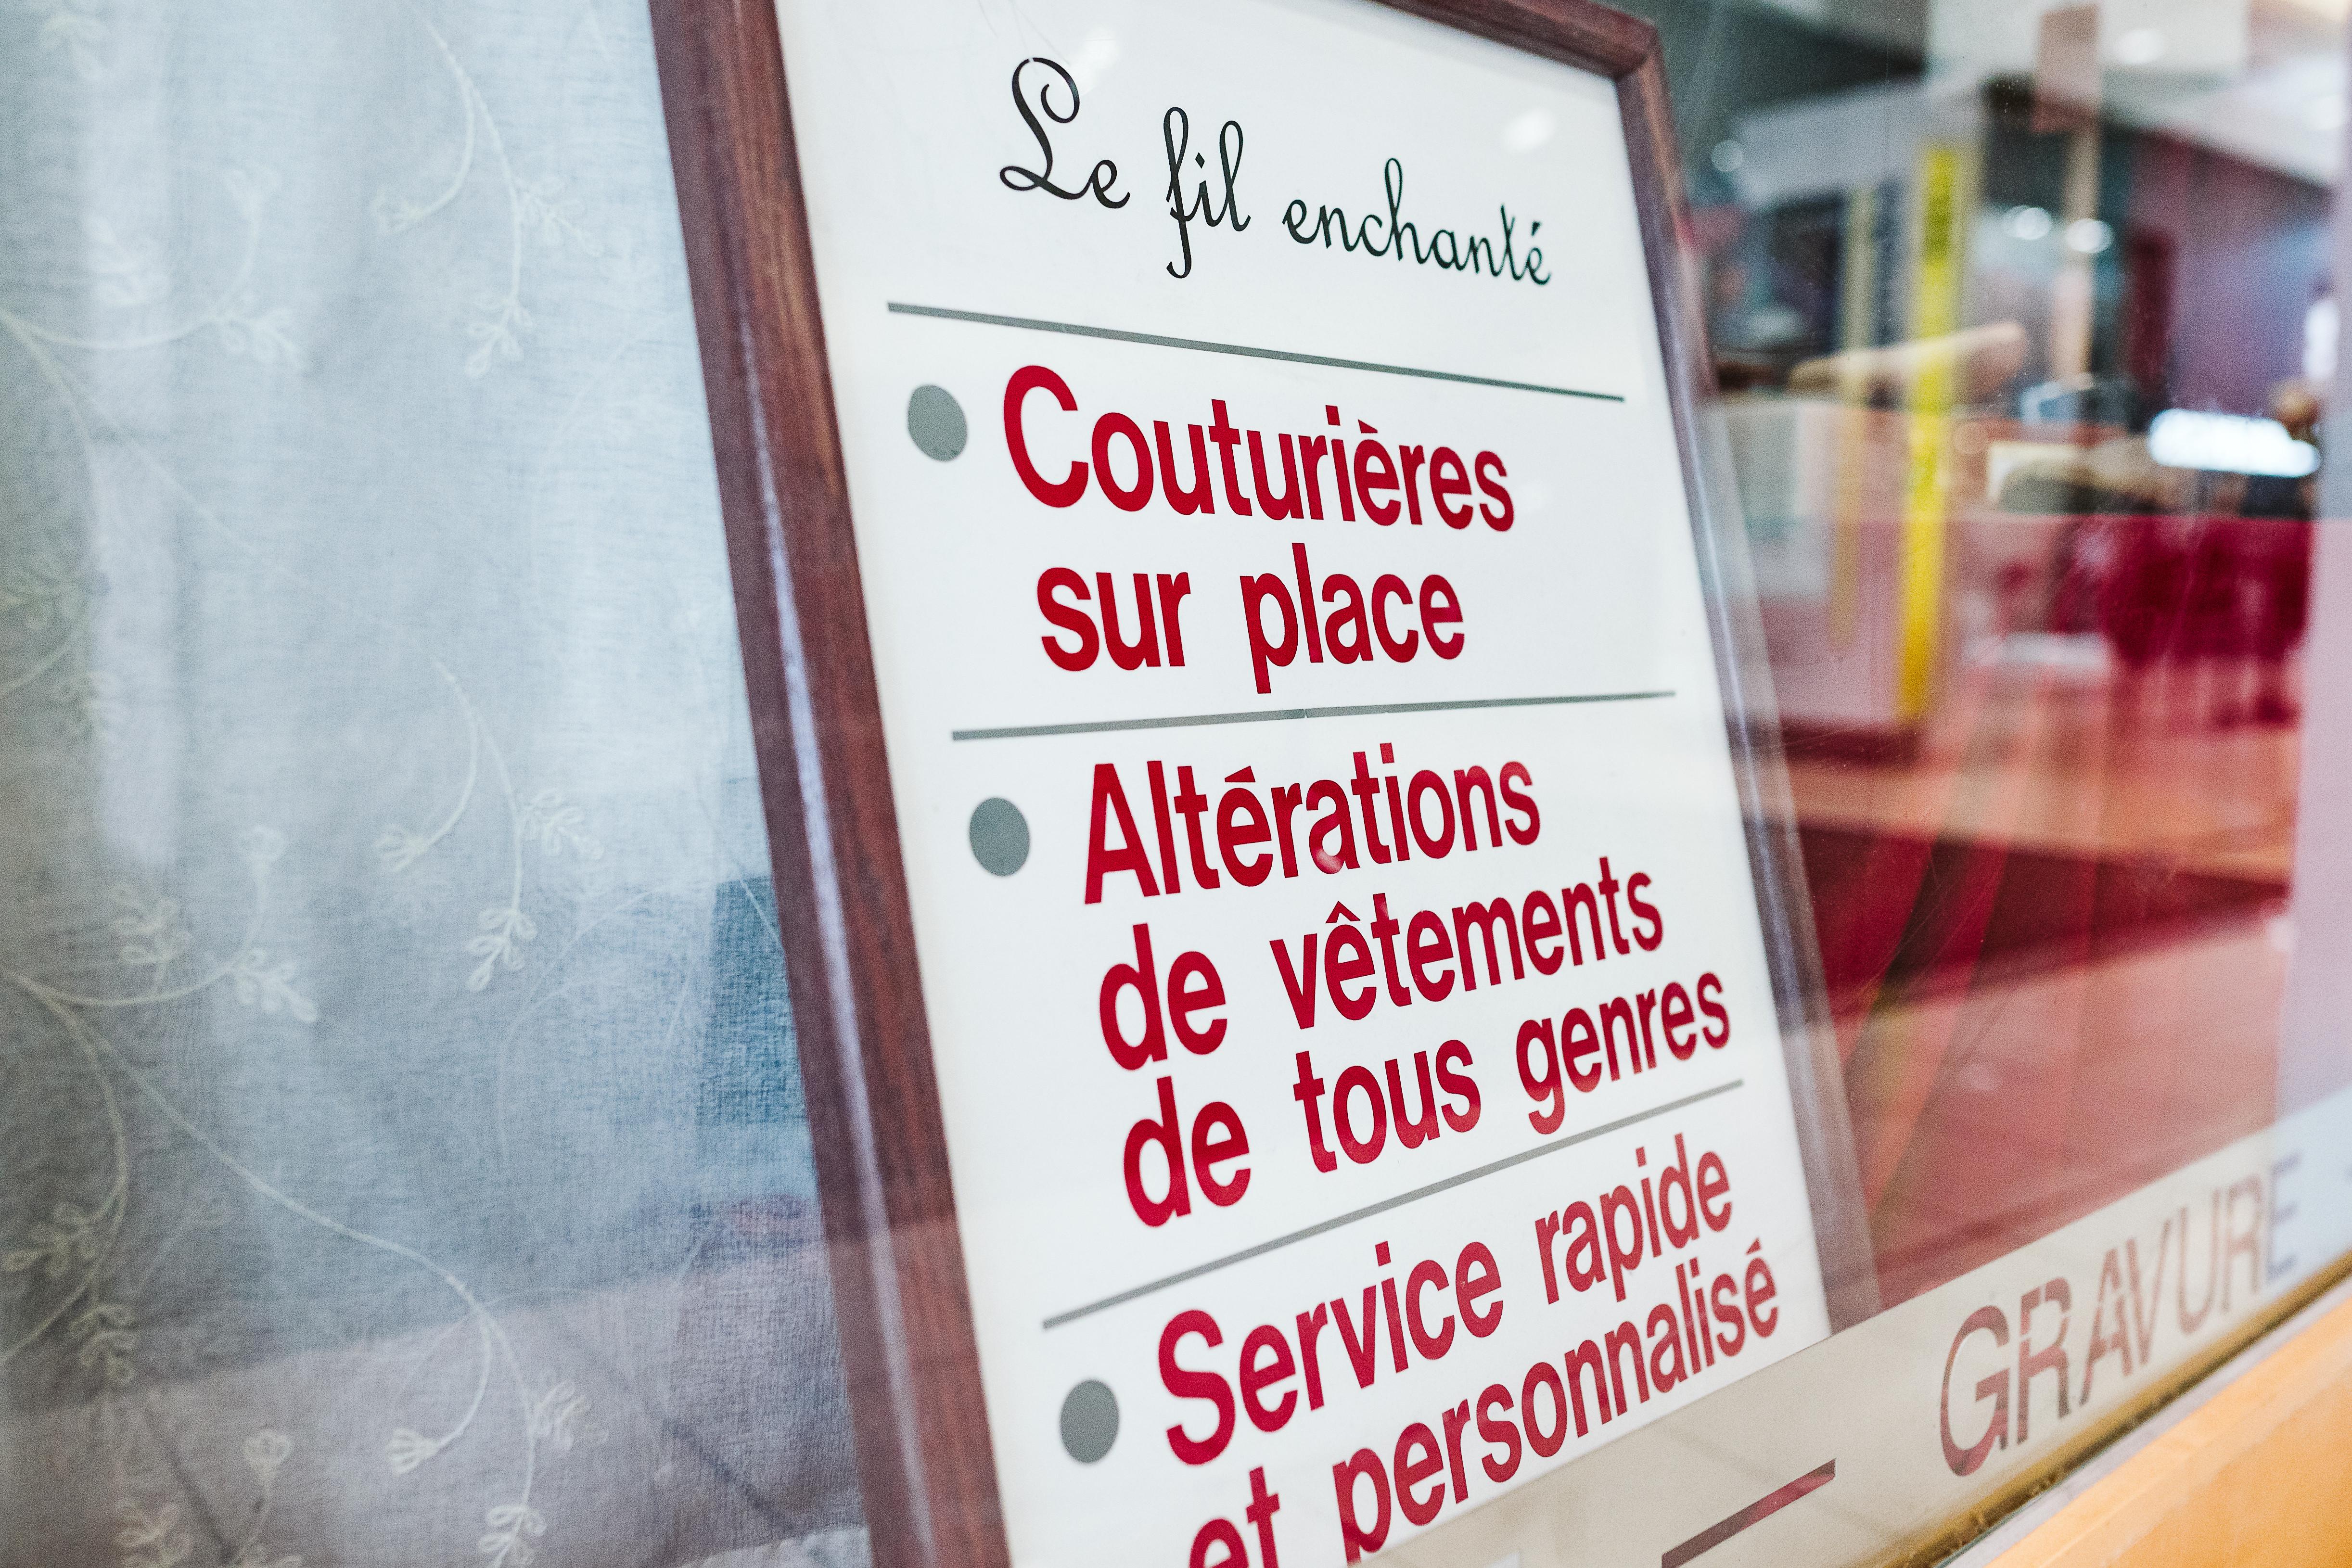 Comneuf / Le Fil Enchanté - Mail Champlain